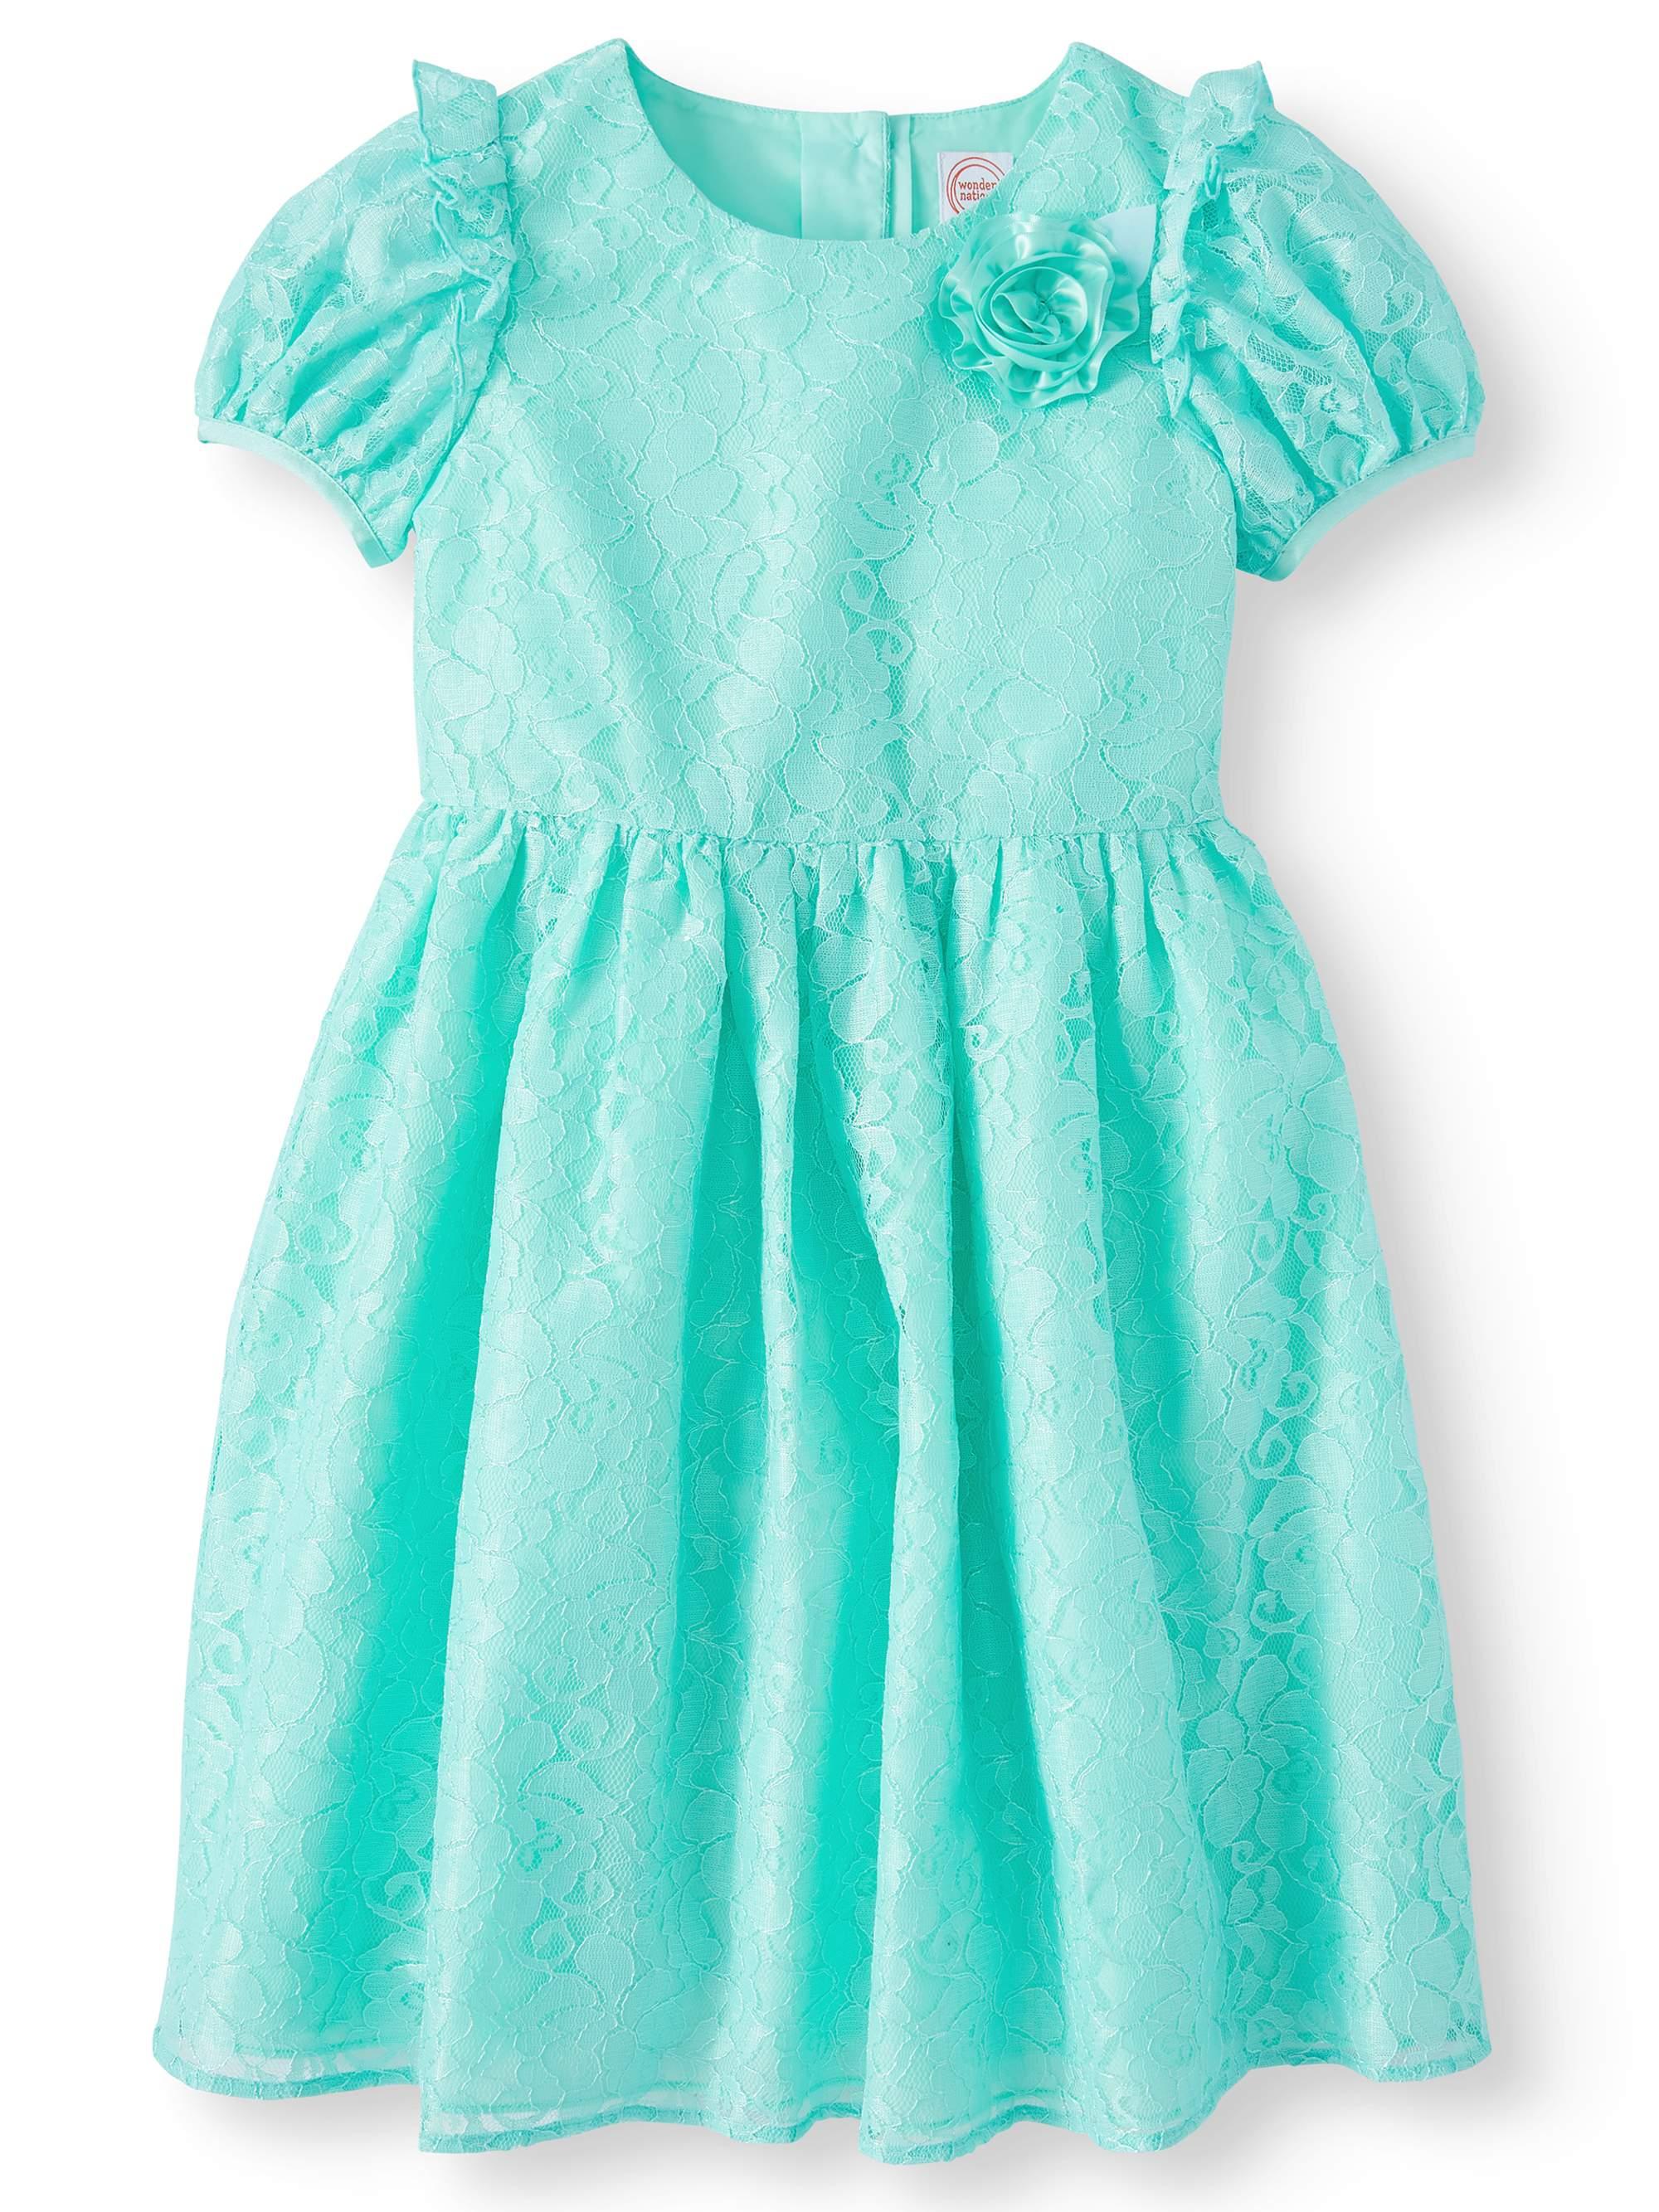 Cap Sleeve Lace Easter Dress (Little Girls & Big Girls)